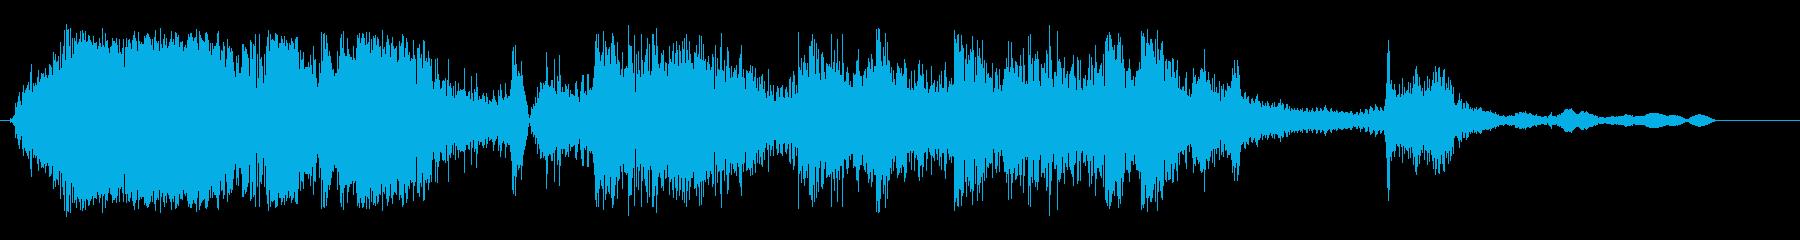 ガチャーンガンガラガン(物が壊れ散乱)の再生済みの波形